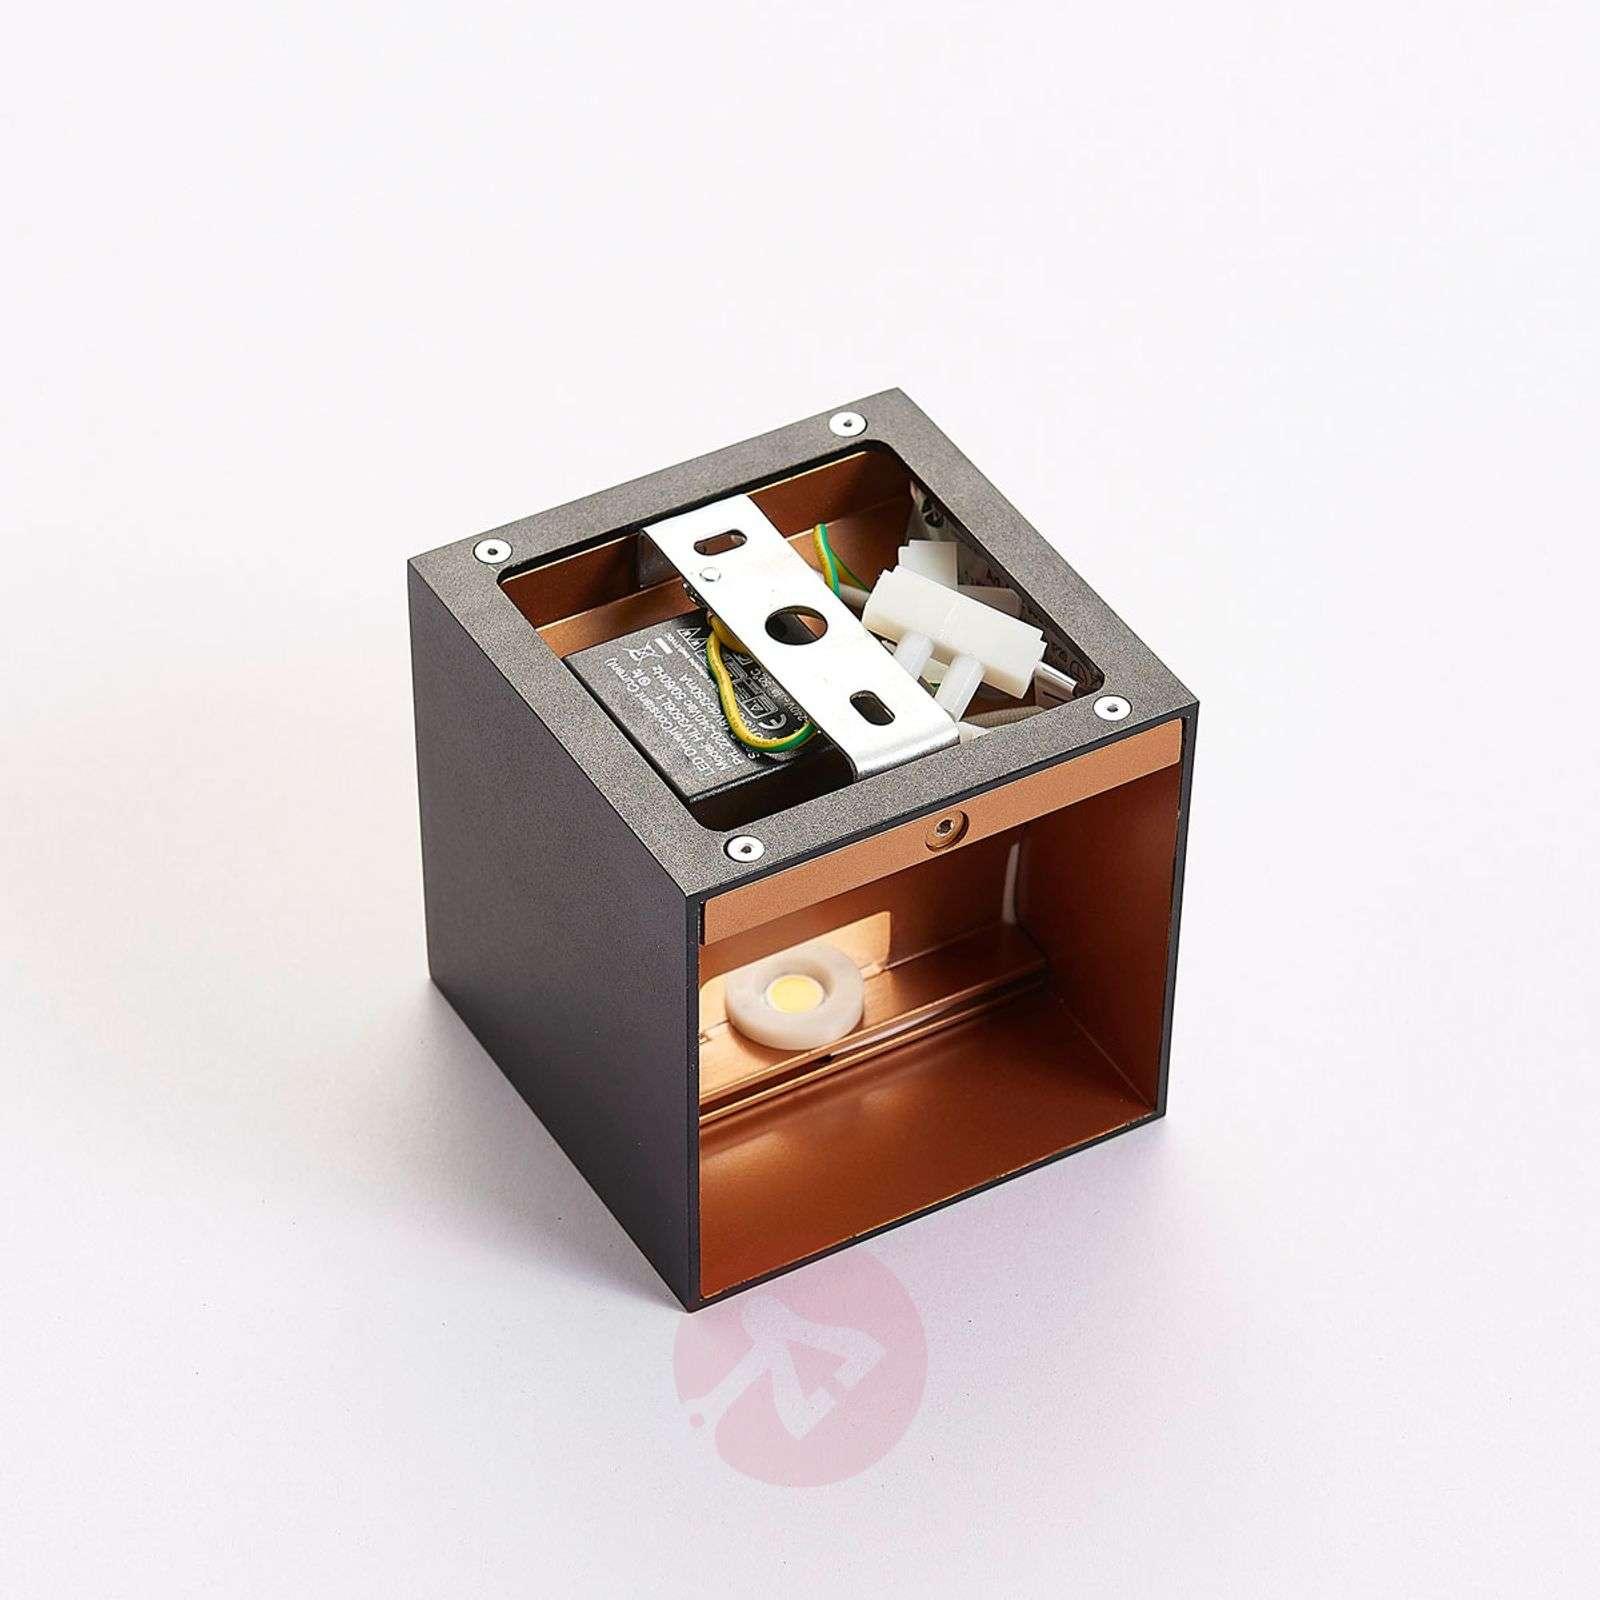 Musta LED-seinävalaisin Aldrina, sisäosa kullanv.-9620716-01